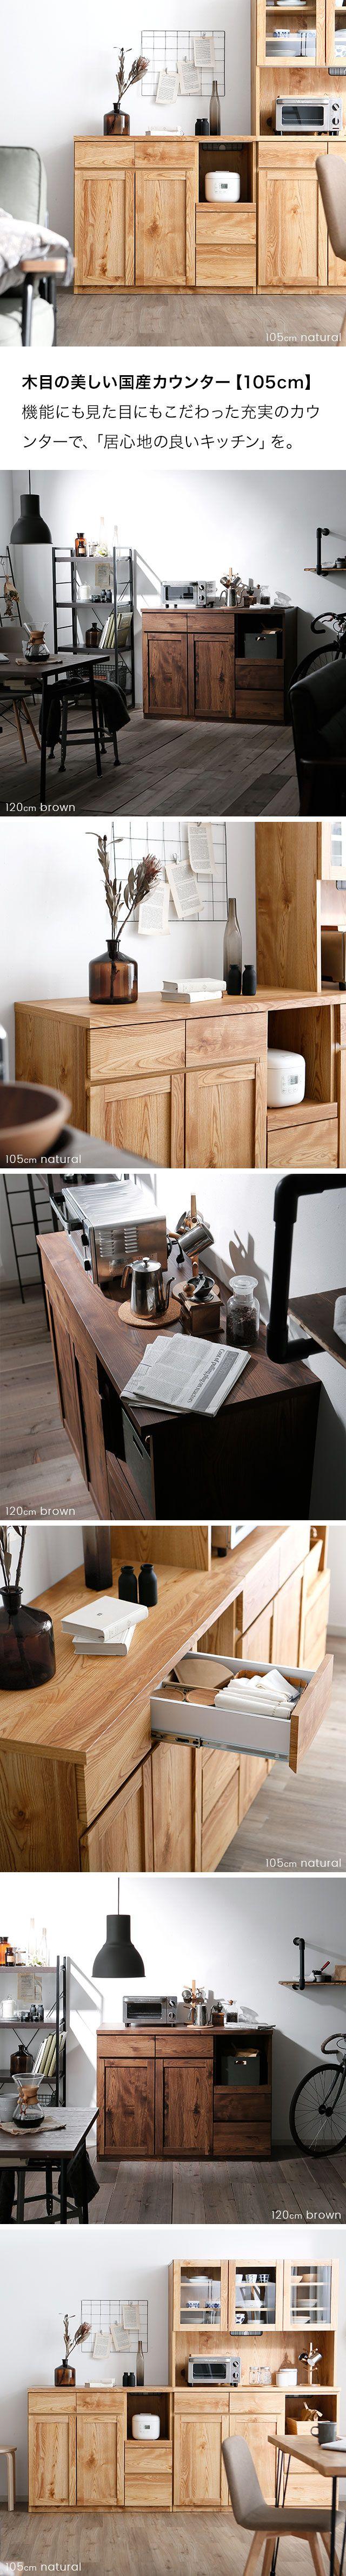 キッチンカウンター キッチン収納 幅105cm 国産 完成品 食器棚。【クーポンで1800円OFF 7/1 18:00~7/4 0:59】 送料・組立て設置無料 【日本製 ・完成品】 キッチンカウンター 完成品 食器棚 キッチン収納 105cm キッチンボード カップボード ロータイプ 引き出し スライドレール 可動棚 キッチン 収納 国産 送料無料 送料込